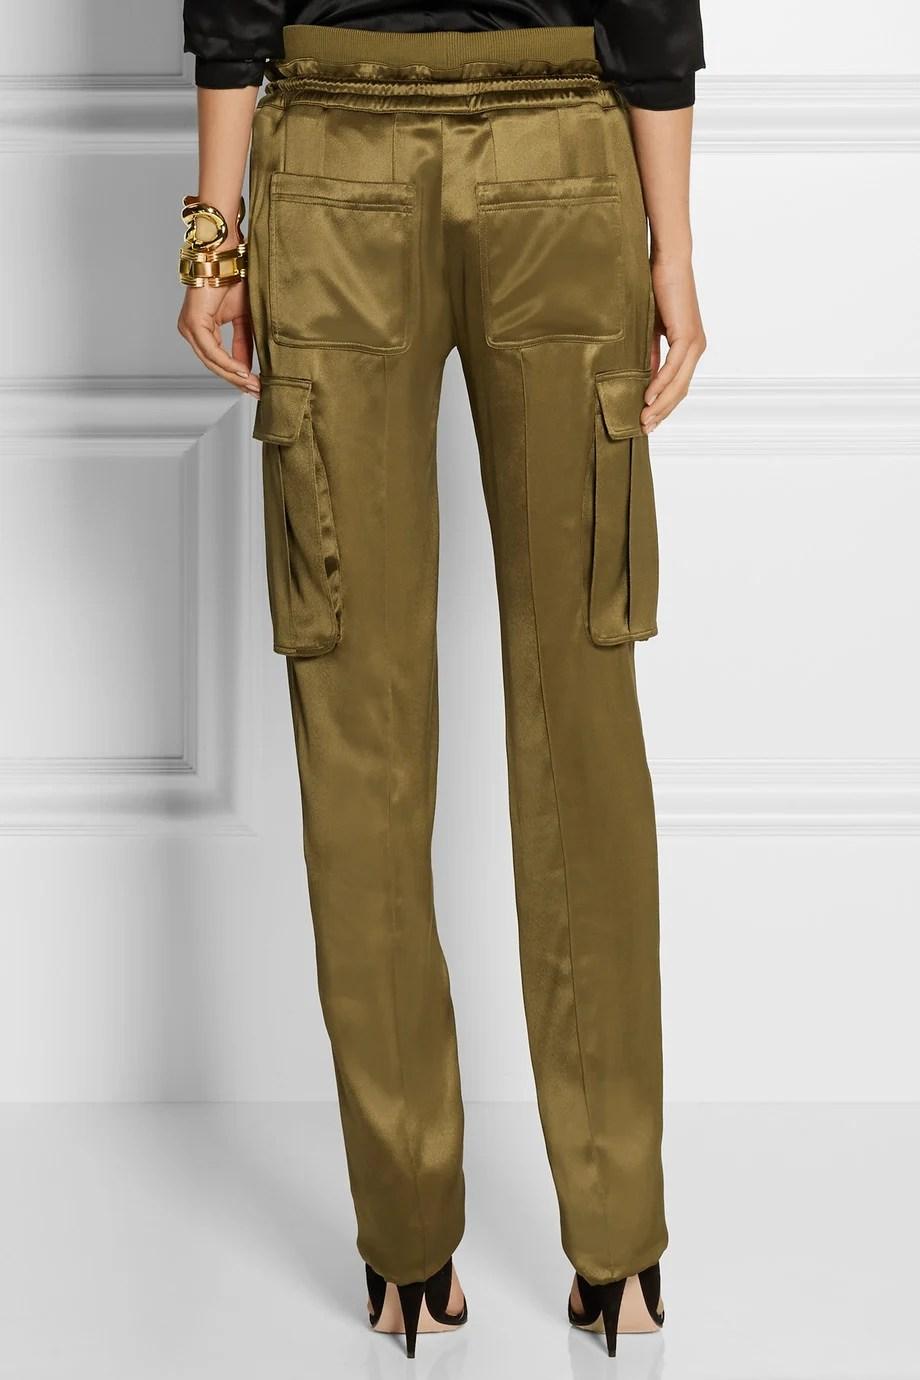 Balmain Silk Satin Cargo Pants In Green Lyst